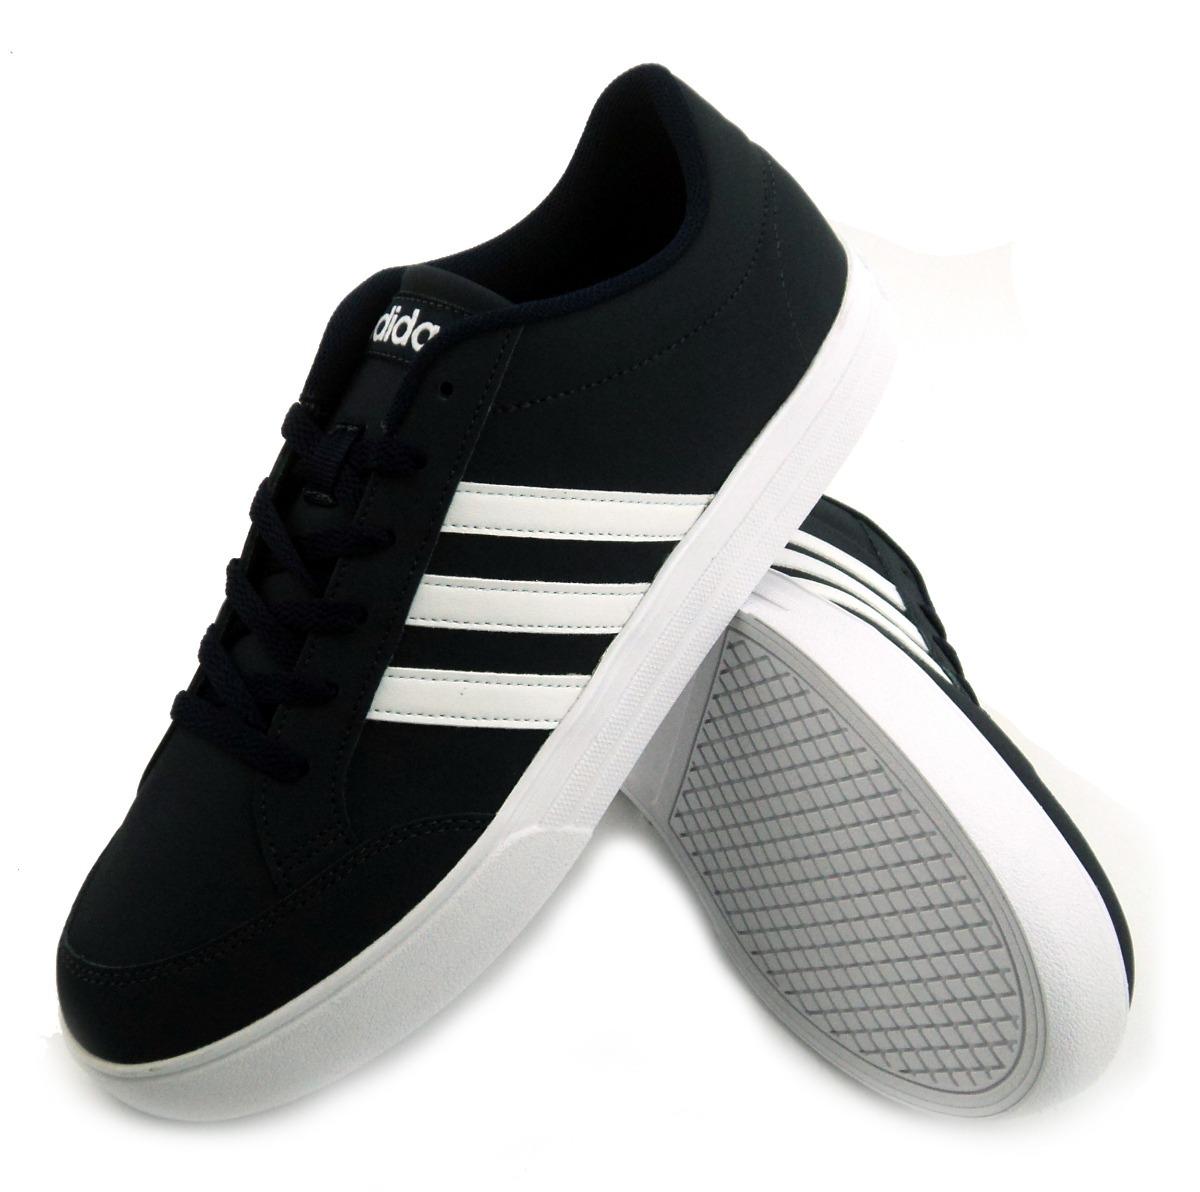 huge selection of 14d80 e9c91 Zapatillas Adidas Hombre 2014 Urbanas